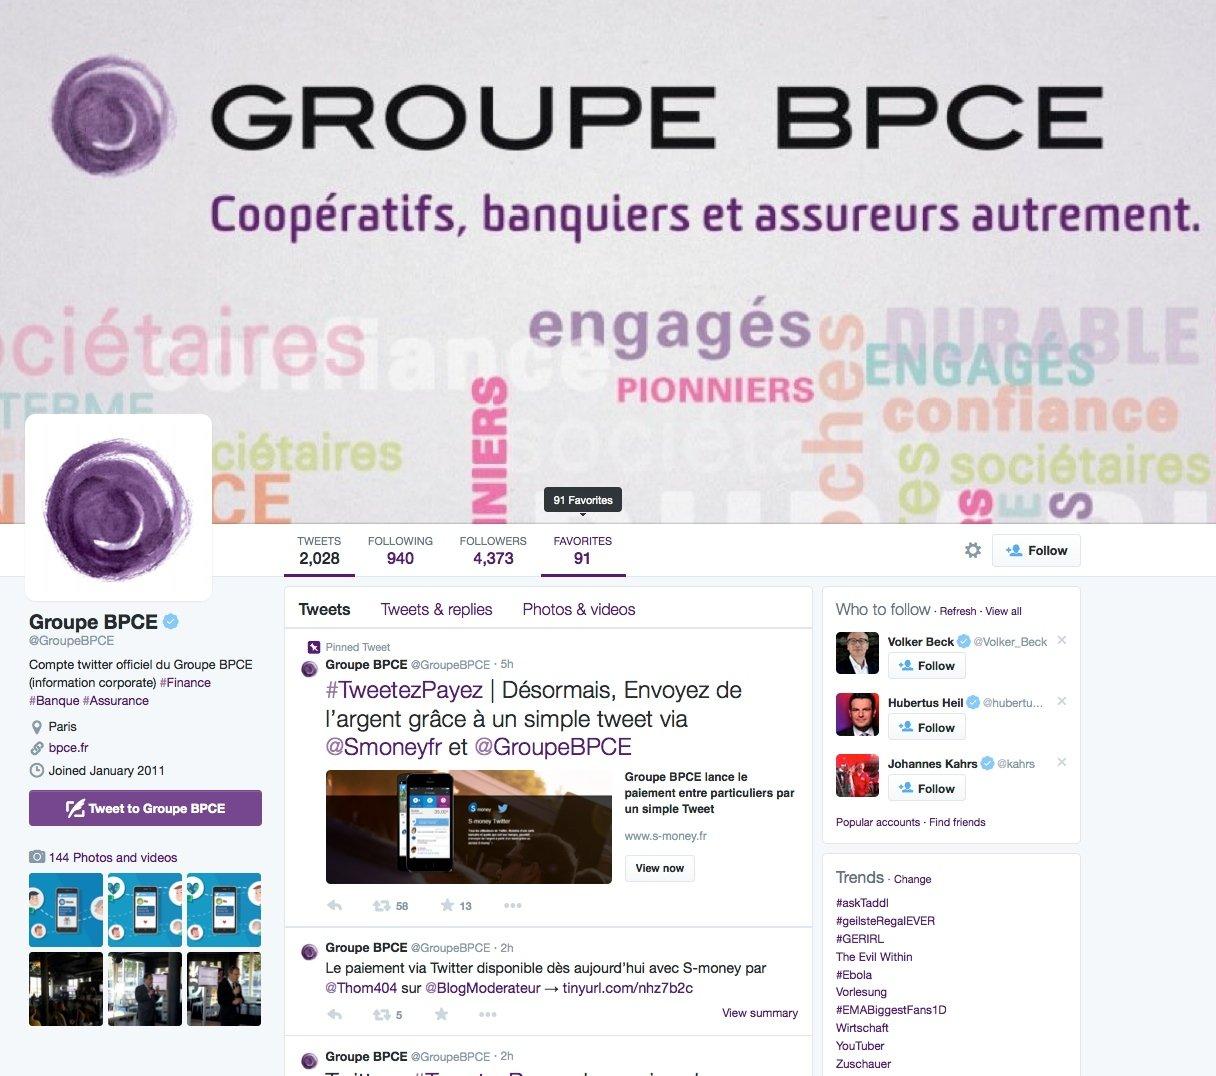 Twitter-Account der französischen BankengruppeBPCE, die Sparkassen und Volksbanken vereint: Die Bank ist stolz, dass sie weltweit die erste ist, die Bezahlfunktionen per Twitter anbietet.